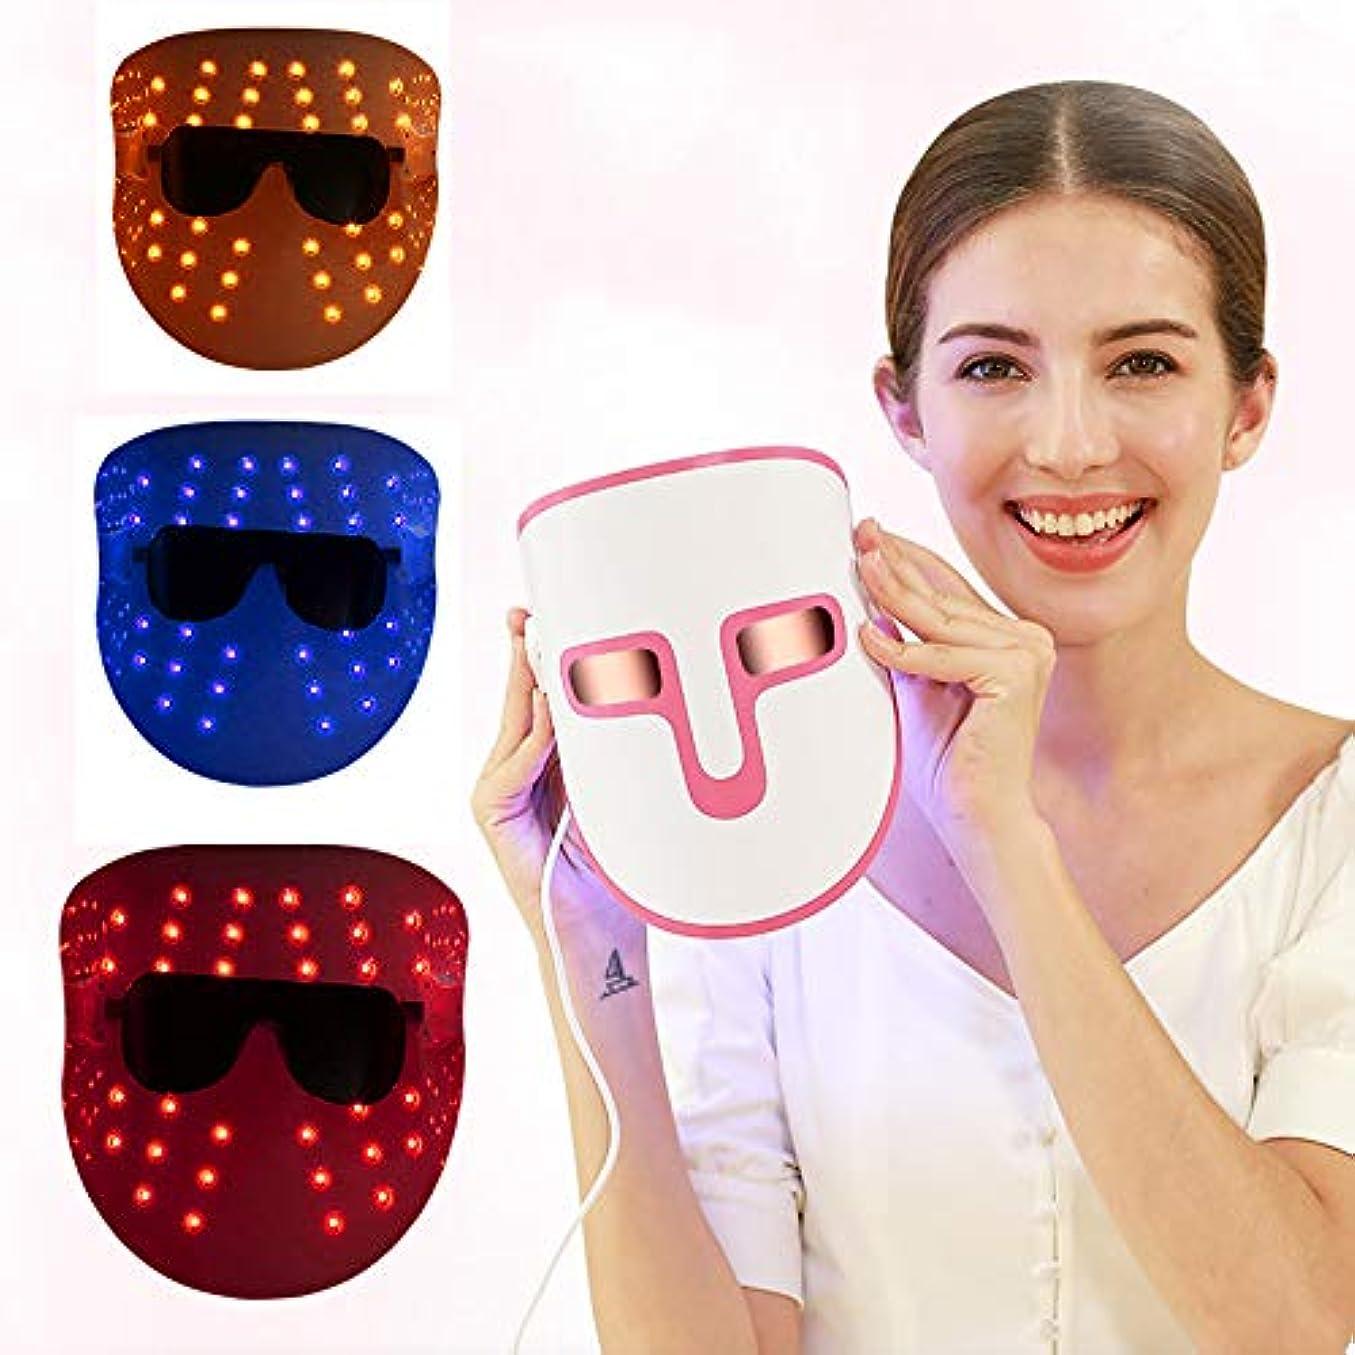 ボール足データLEDフェイスマスク - 健康的な肌の若返りのために光子レッドライトセラピー - コラーゲン、アンチエイジング、しわ、瘢痕-Facialスキンケアマスク